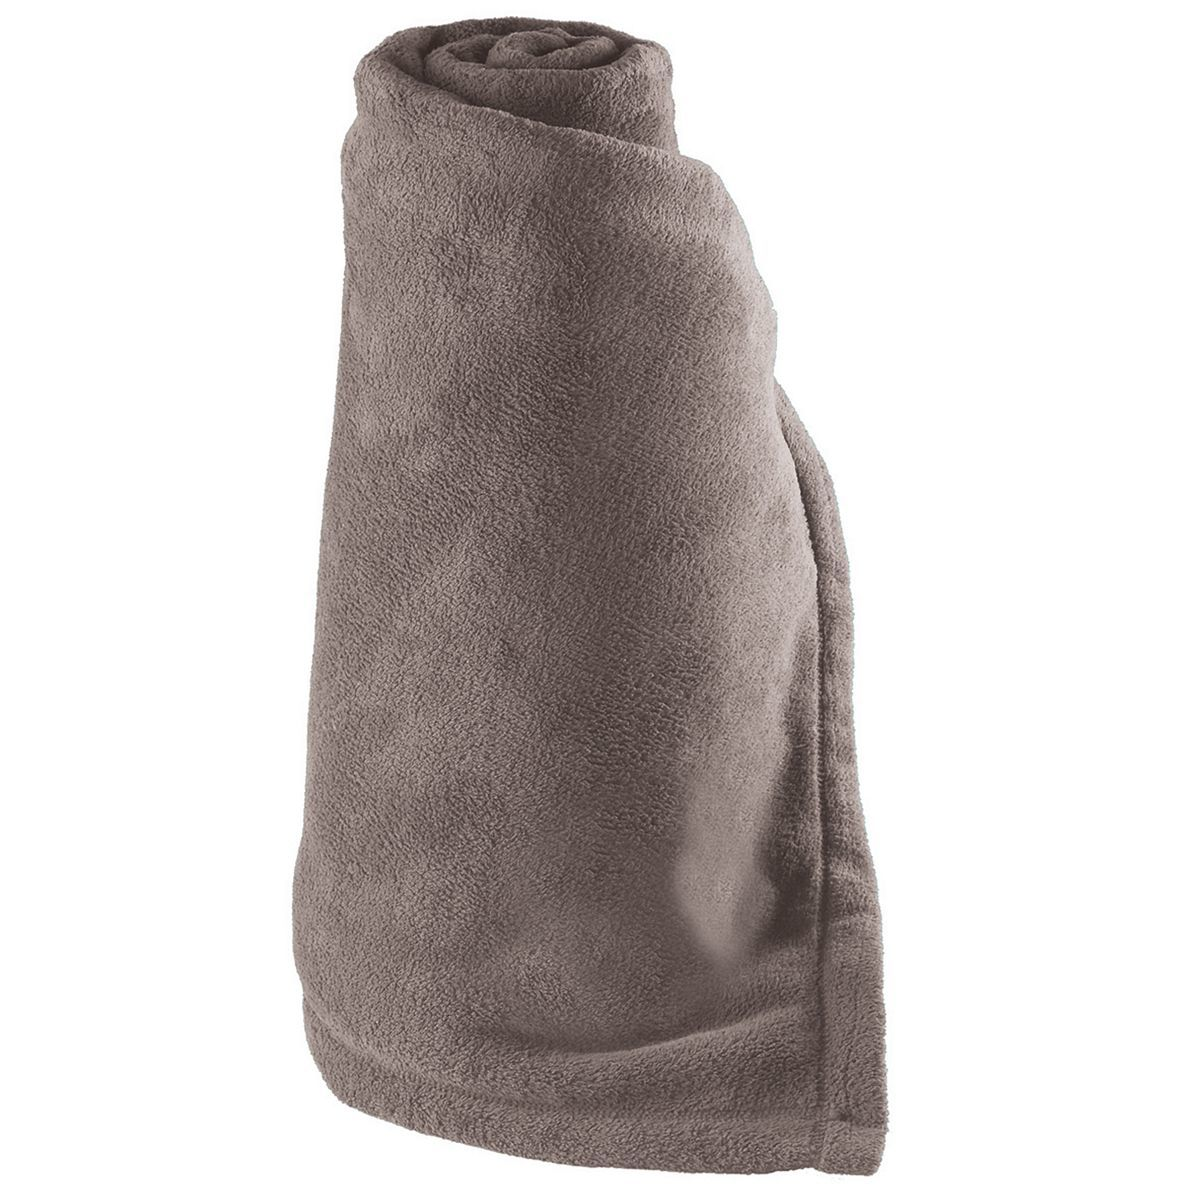 Tailgate Blanket - OXFORD GREY